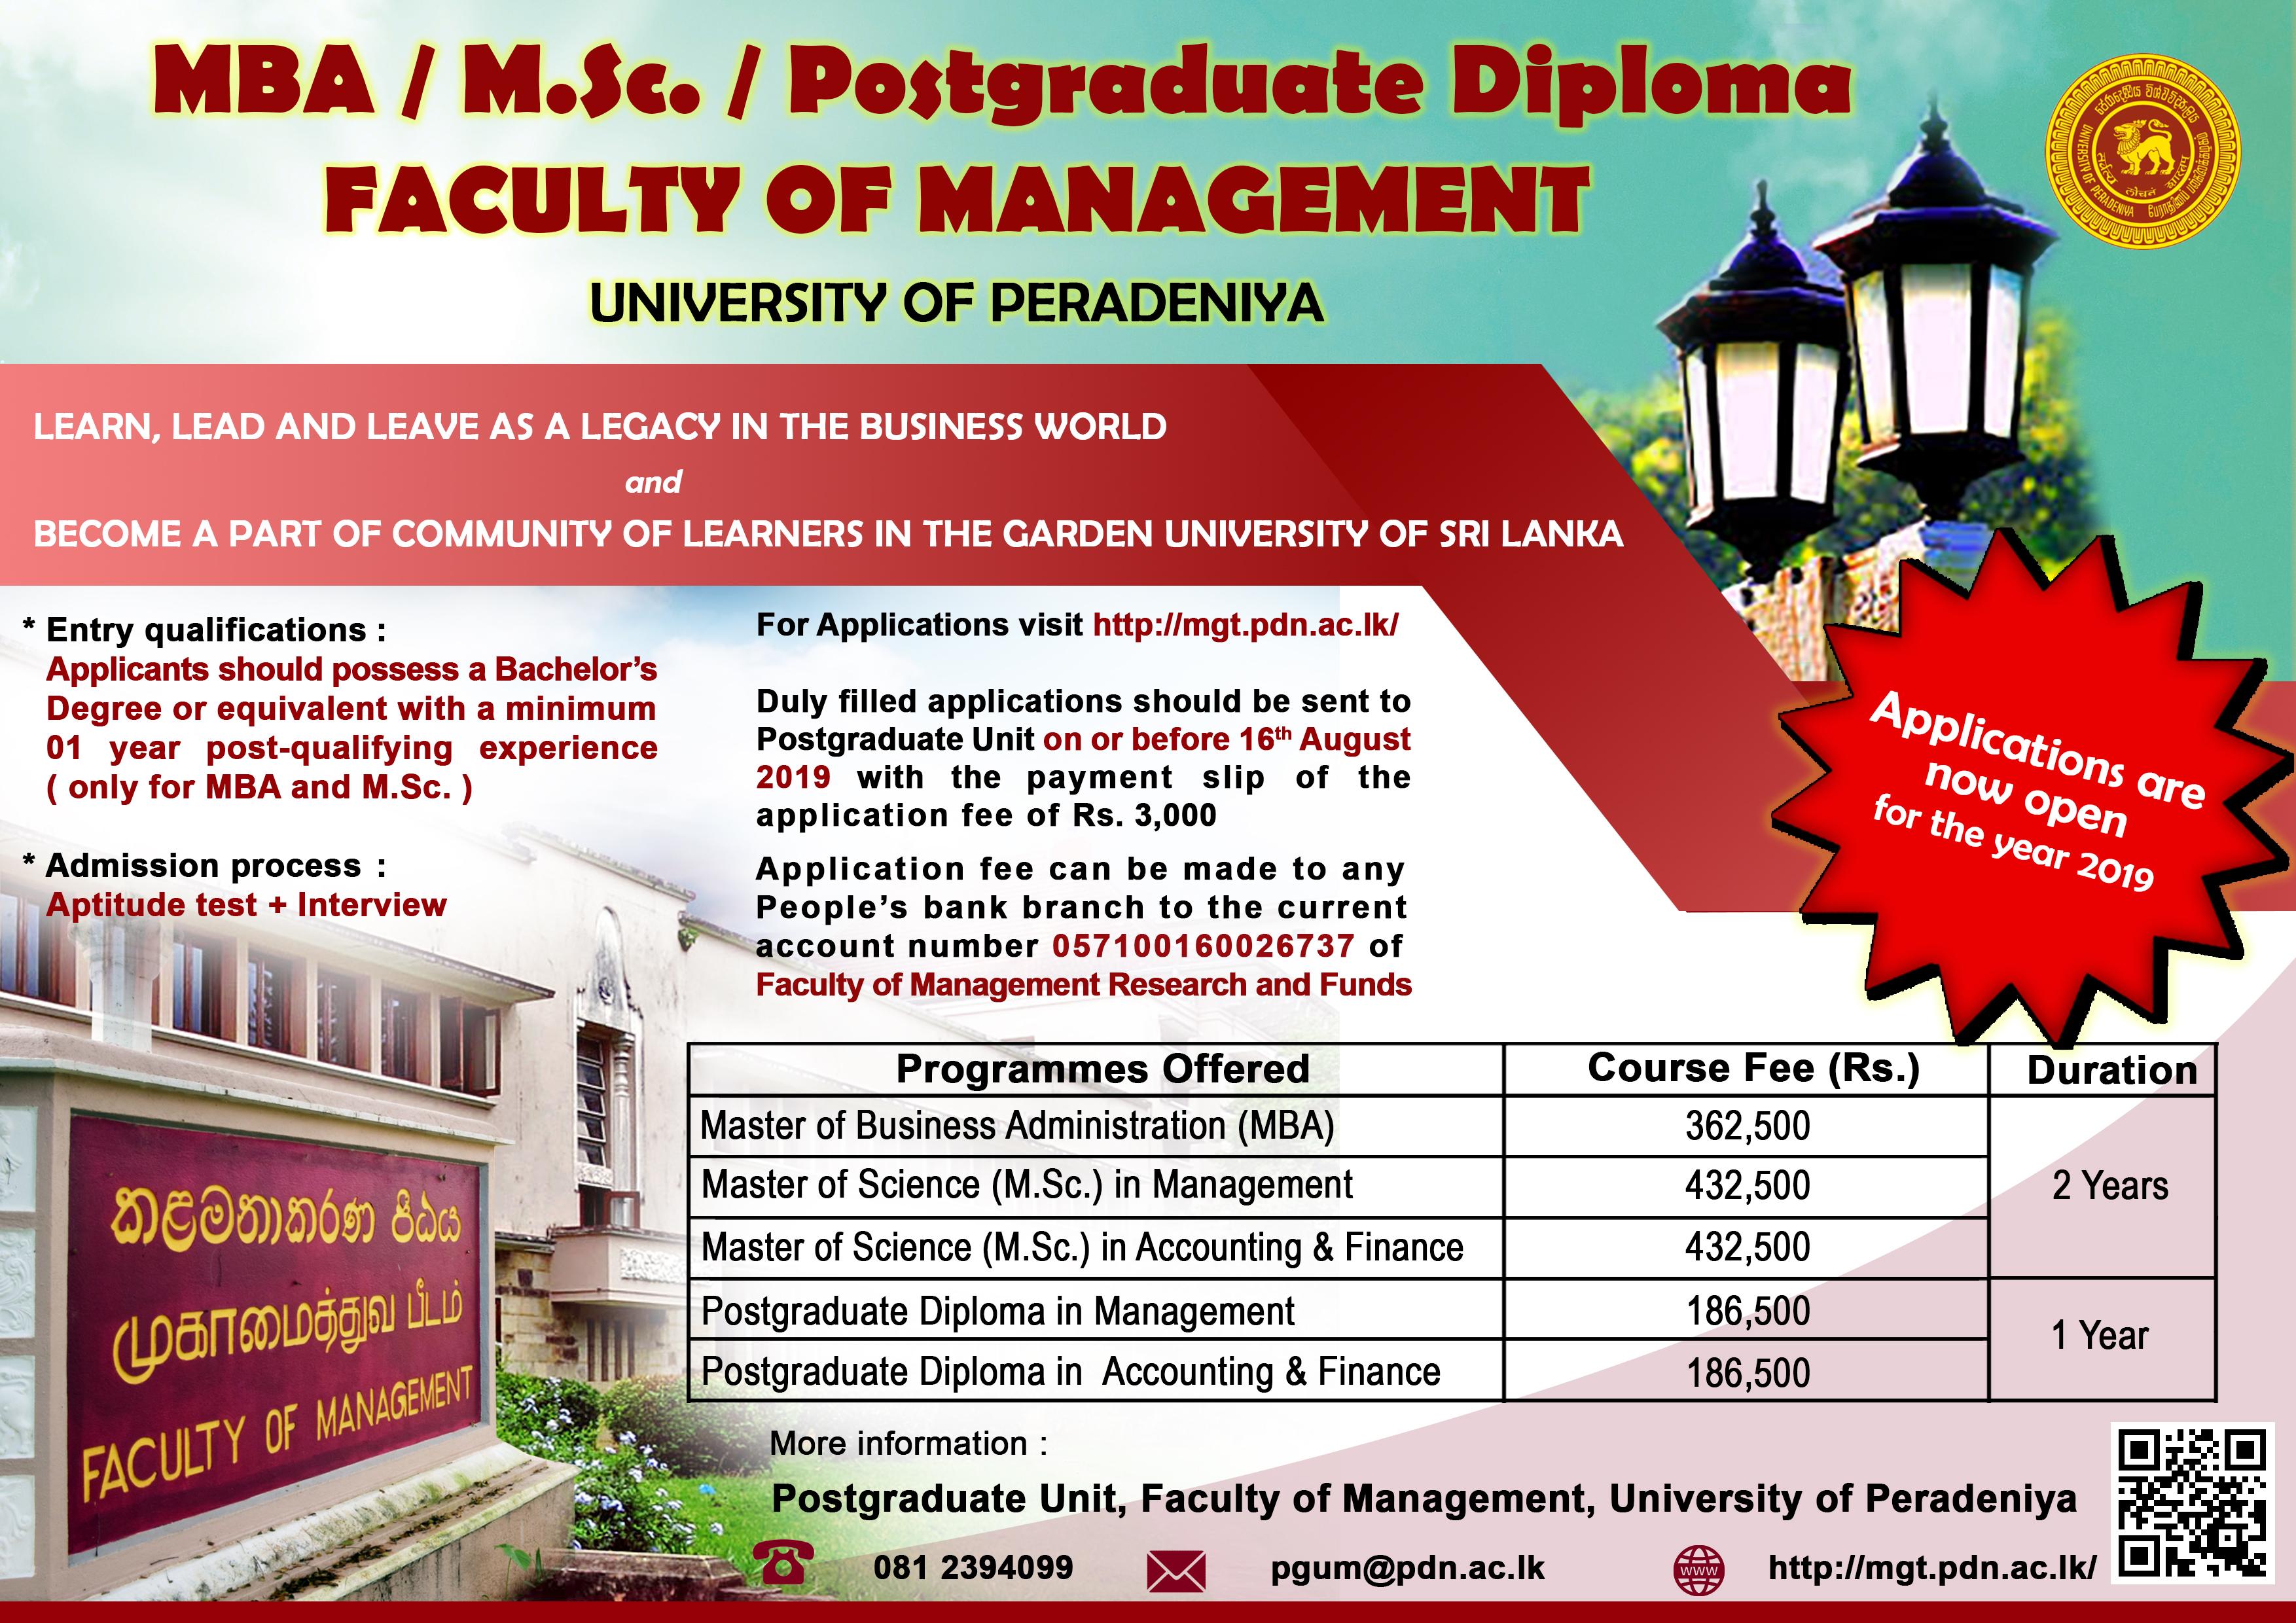 Faculty of Management   University of Peradeniya